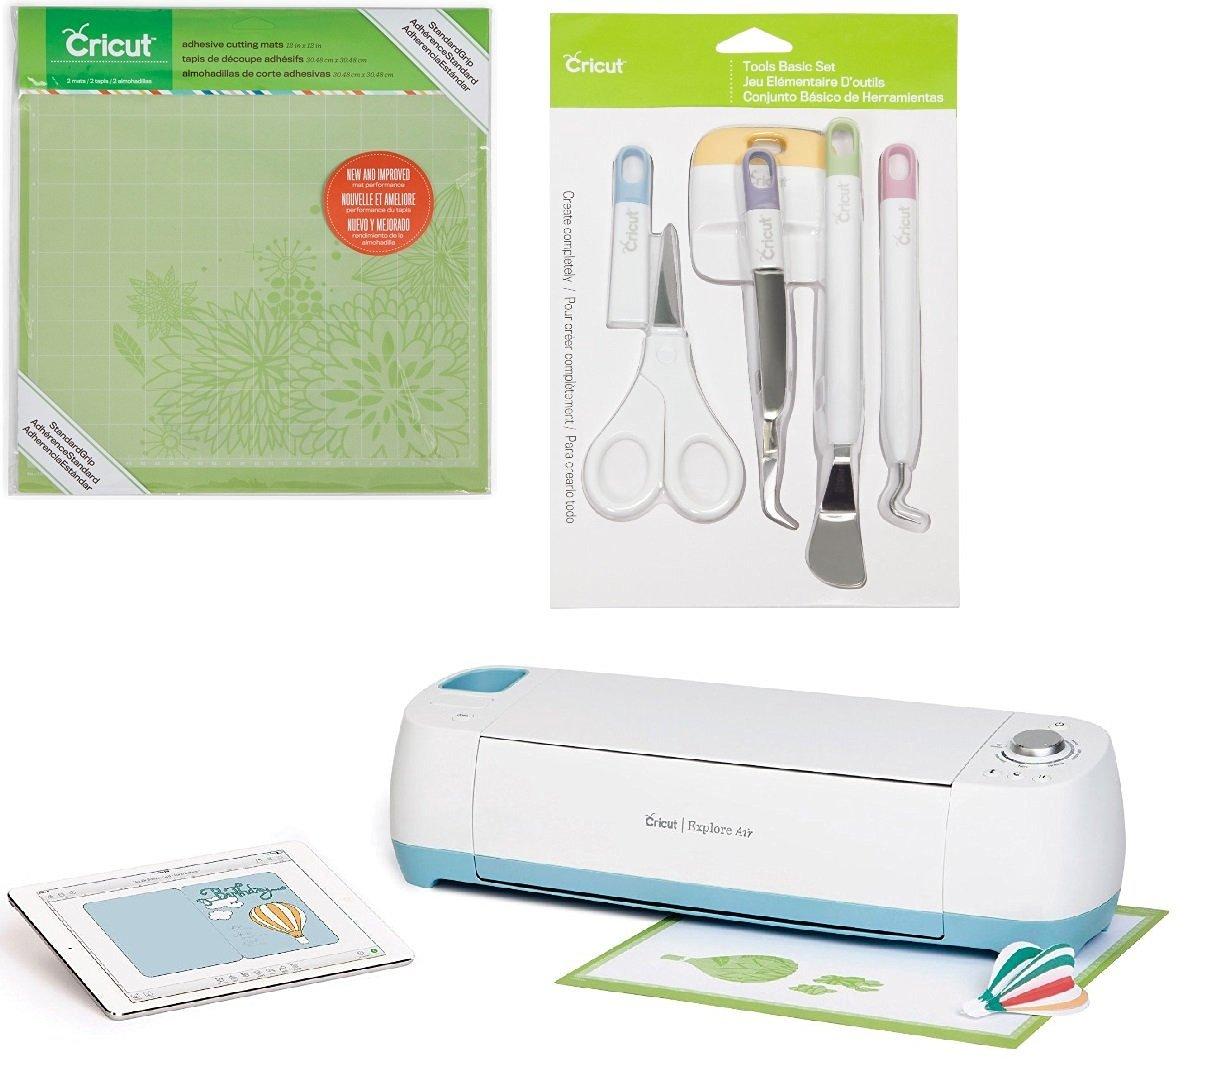 Cheap Cricut Craft Machine Find Cricut Craft Machine Deals On Line